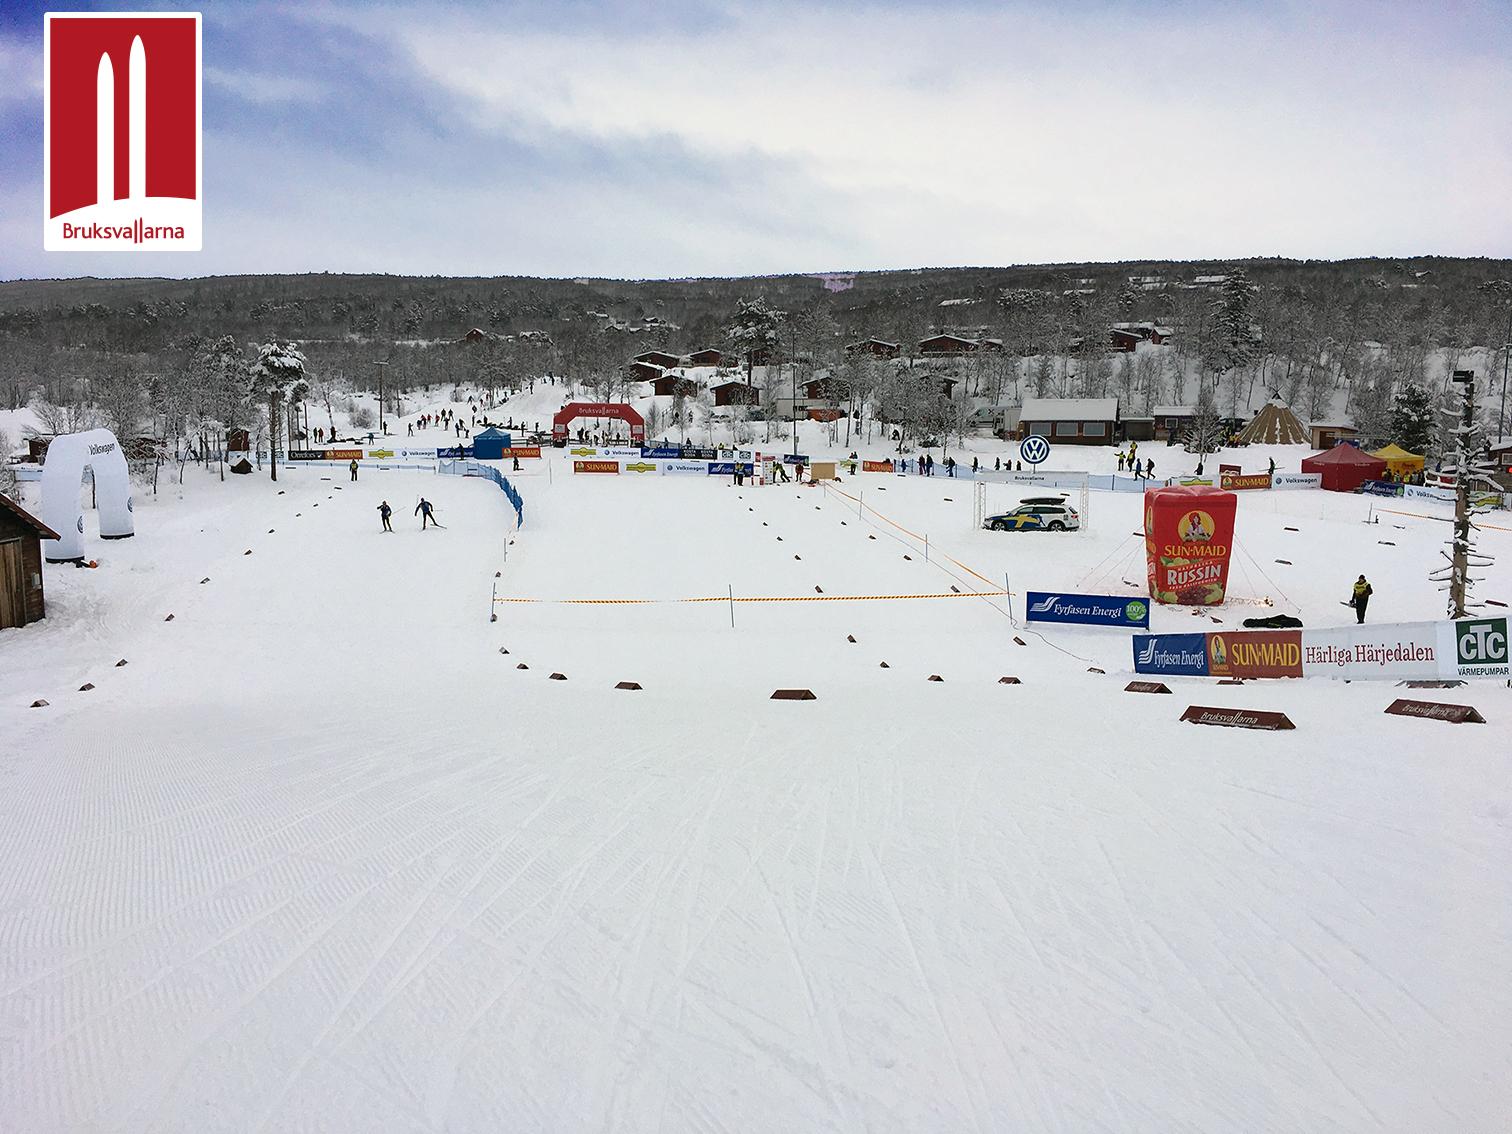 Bruksvallsloppet,the perfect start of the 2016 season